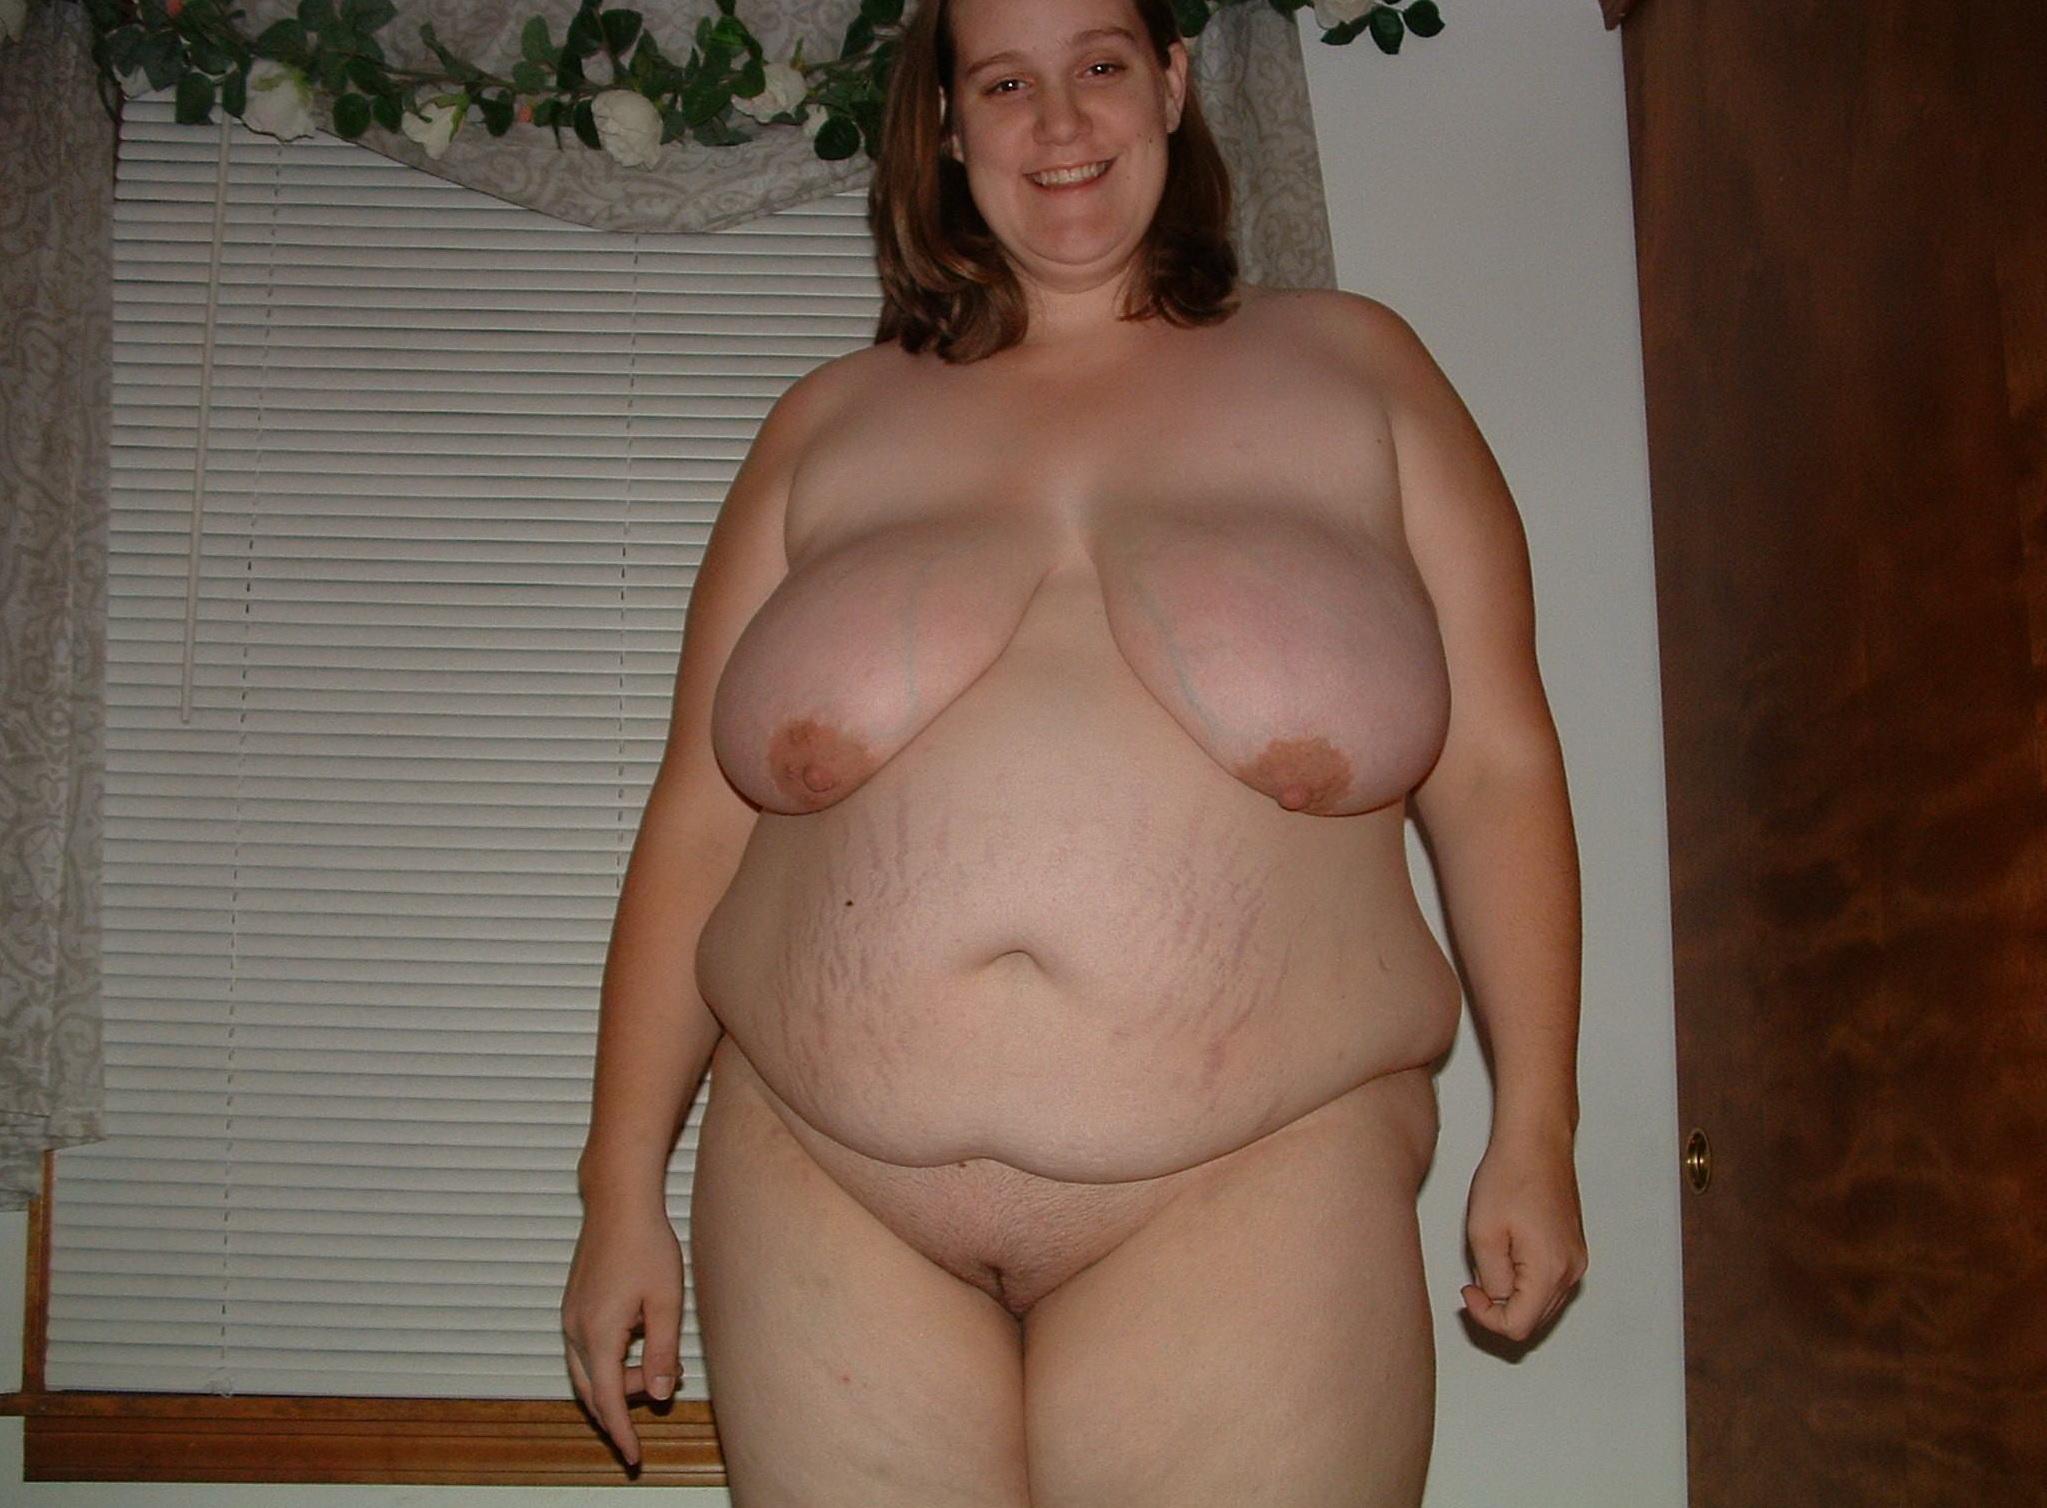 временем, фотогалерея жирных голых женщин жена перестала трахать